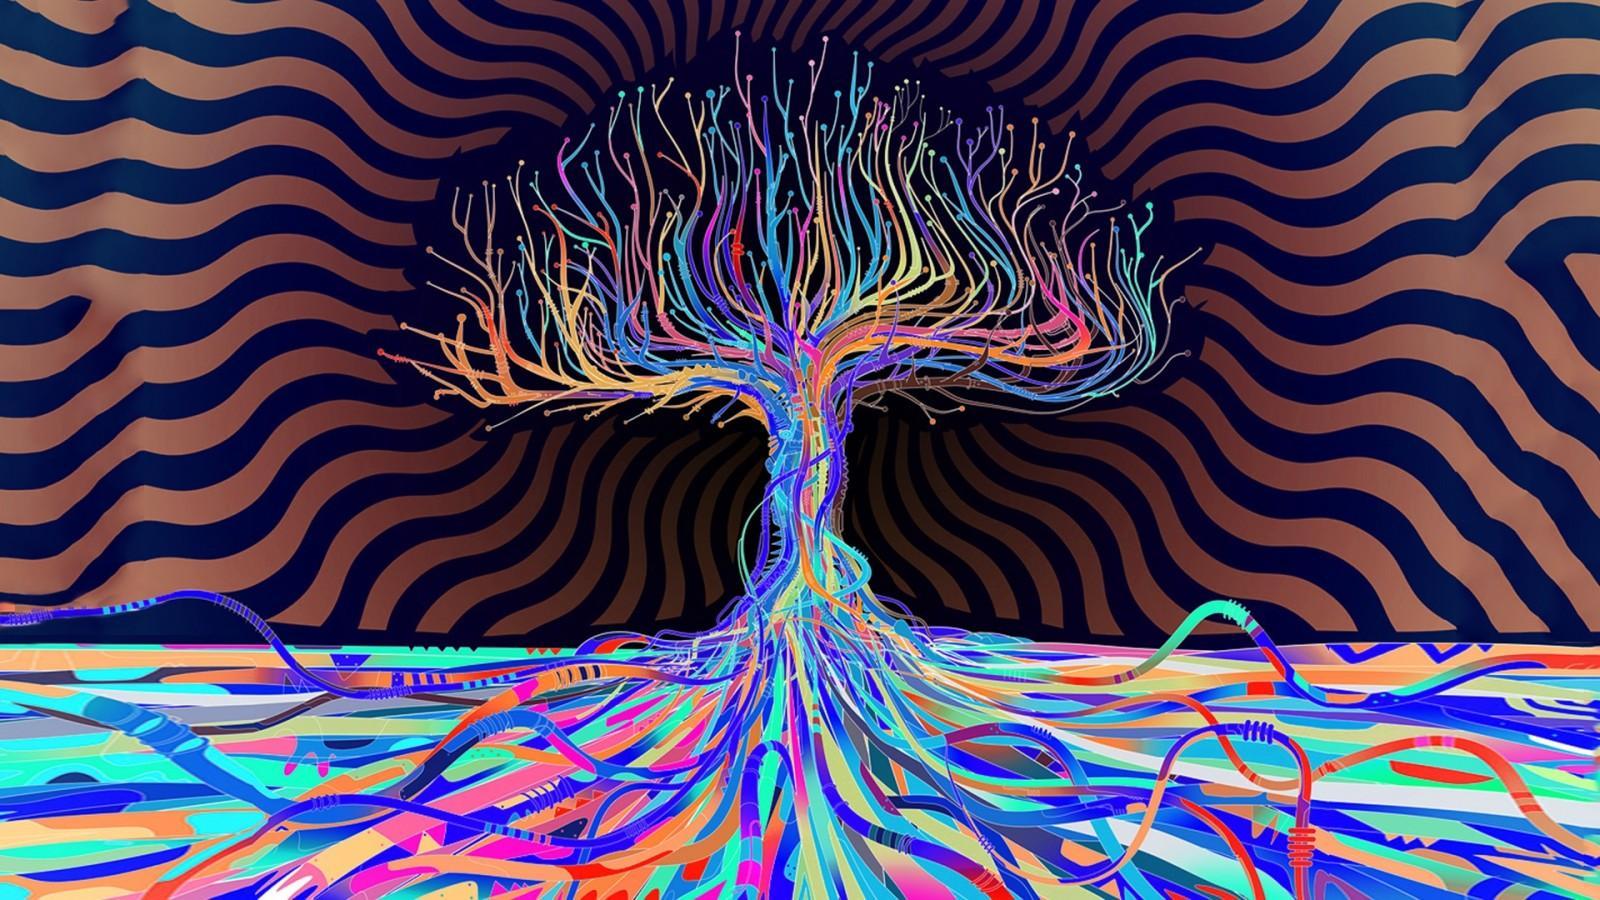 Нарушение сознания при приеме ЛСД объяснили изменением связи между отделами мозга